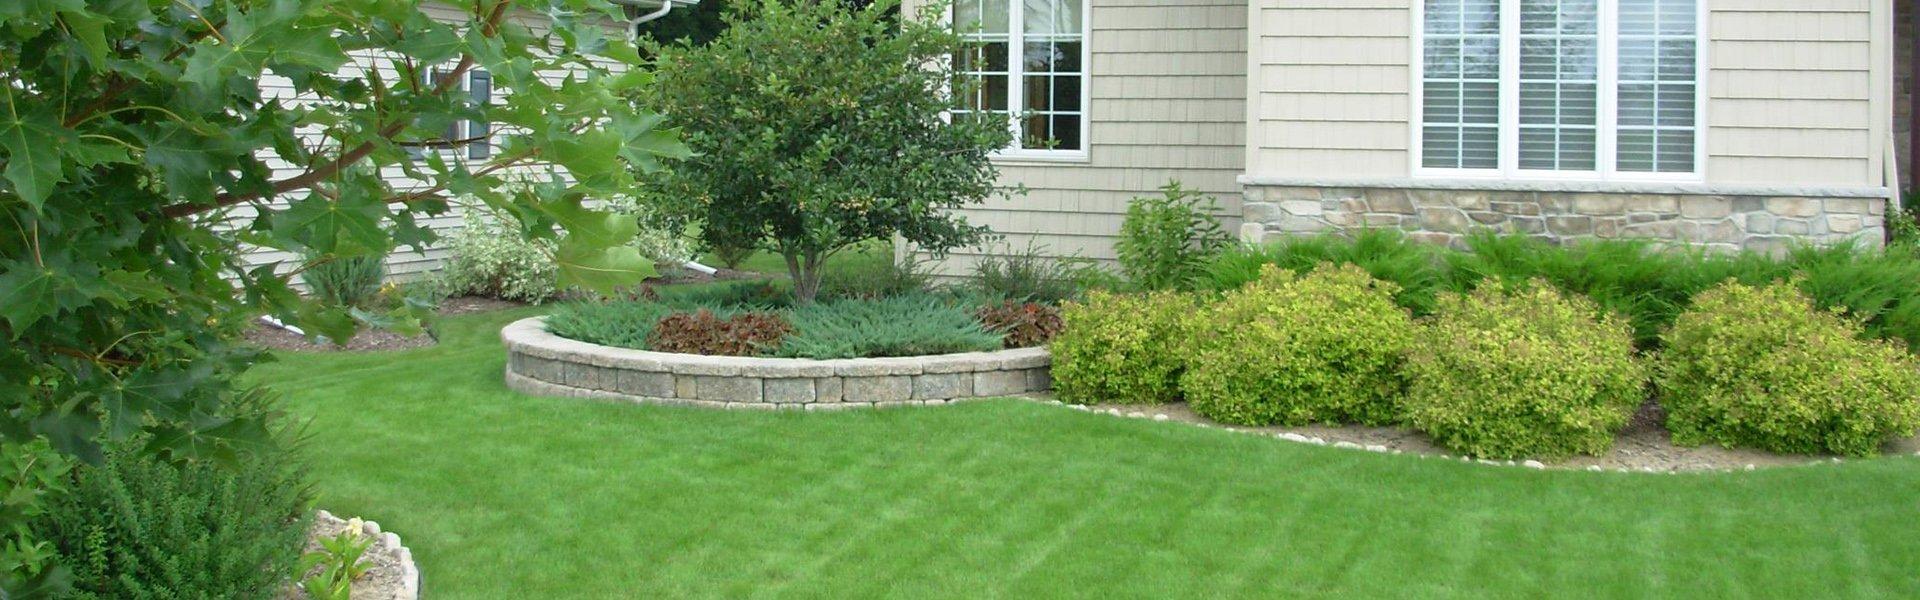 Maple Leaf Landscaping Amp Design Sodding Appleton Wi